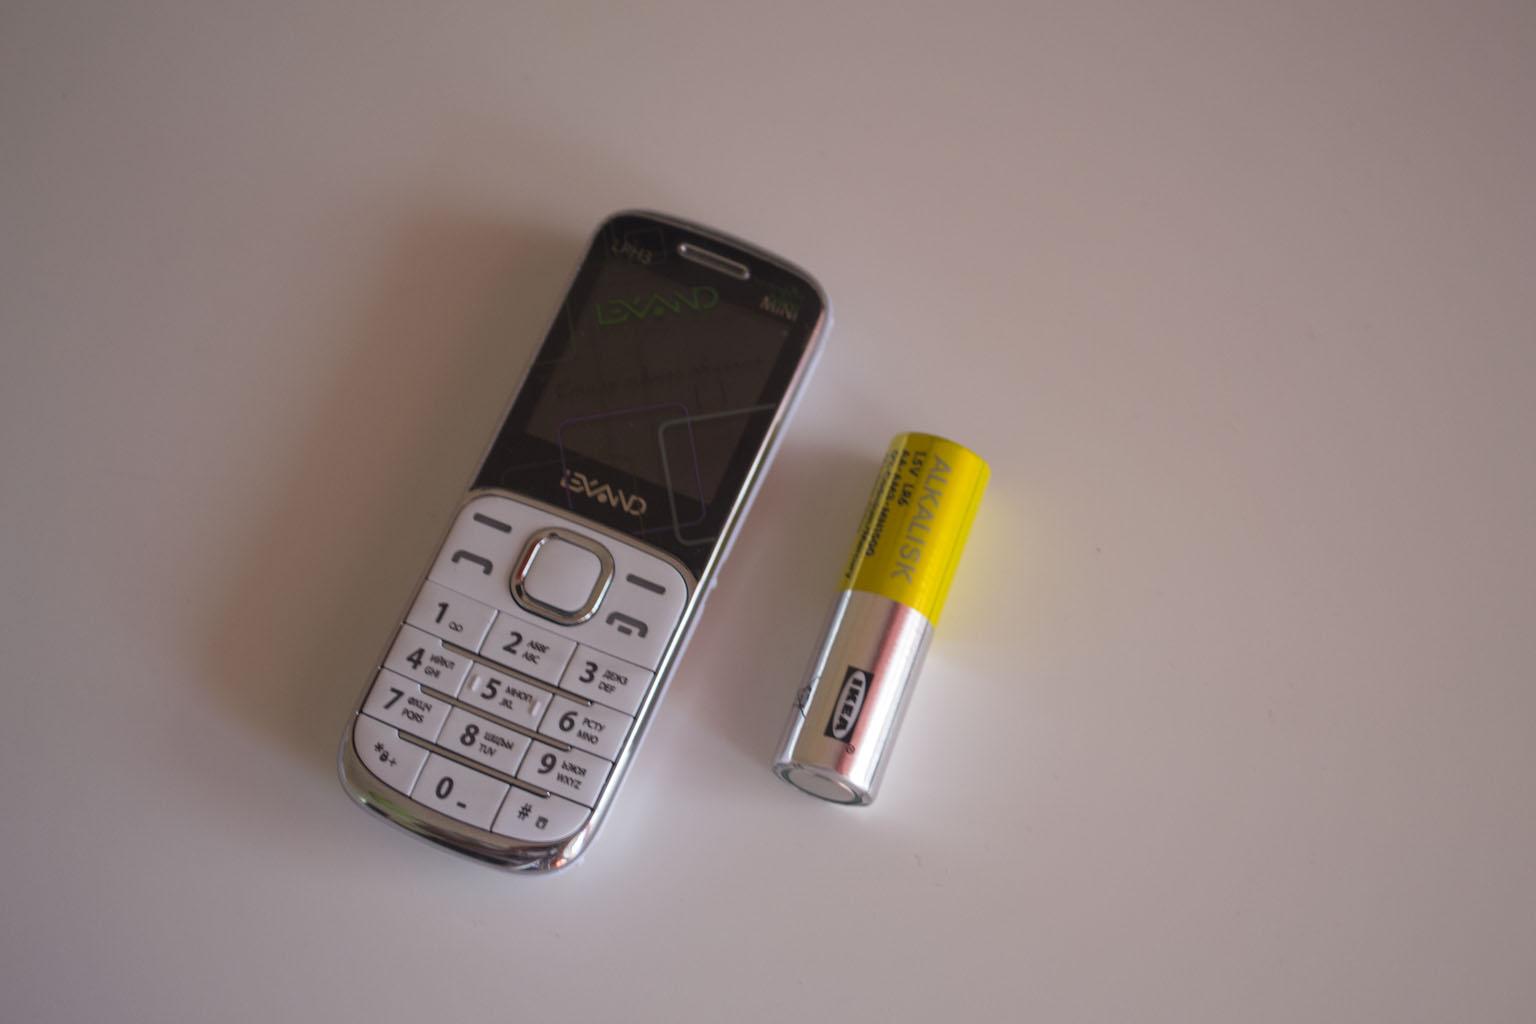 телефон лександ lph1 mini инструкция